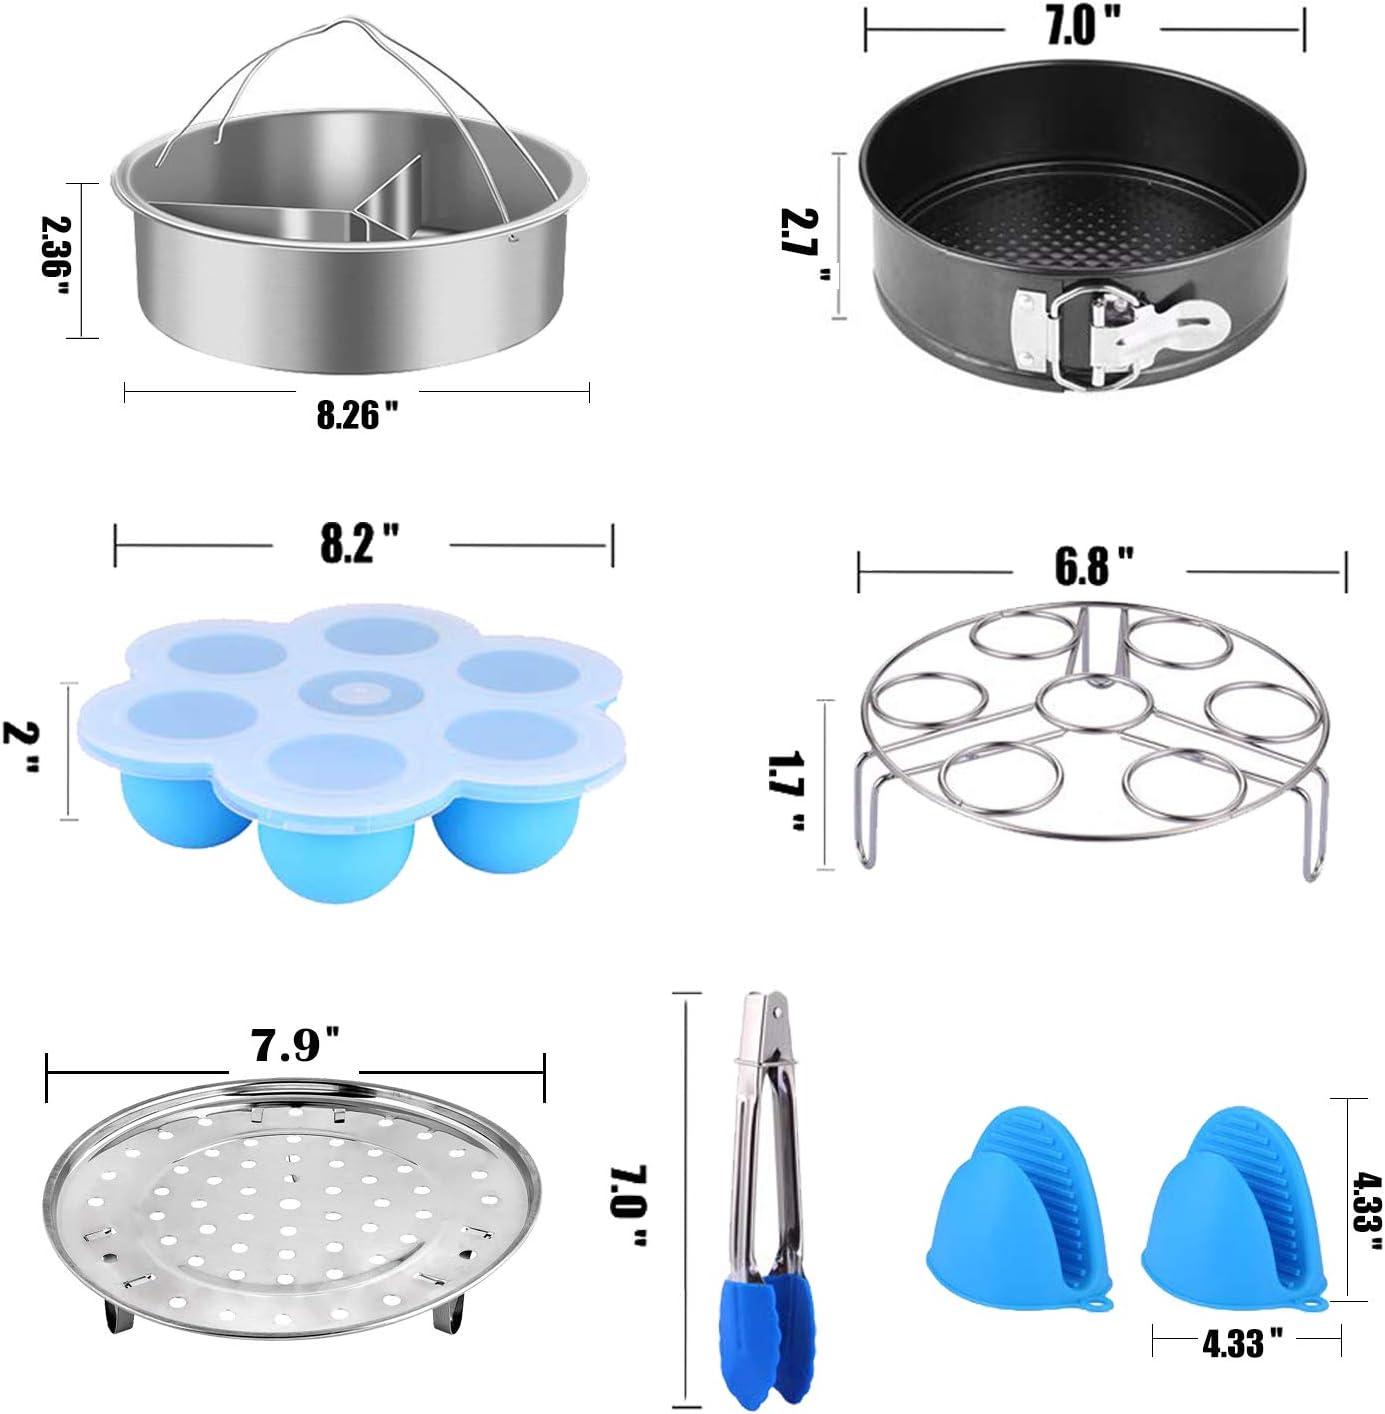 Herdzubeh/örset Kompatibel mit Instant Pot 5,6,8 QT Elektro-Schnellkochtopfzubeh/ör